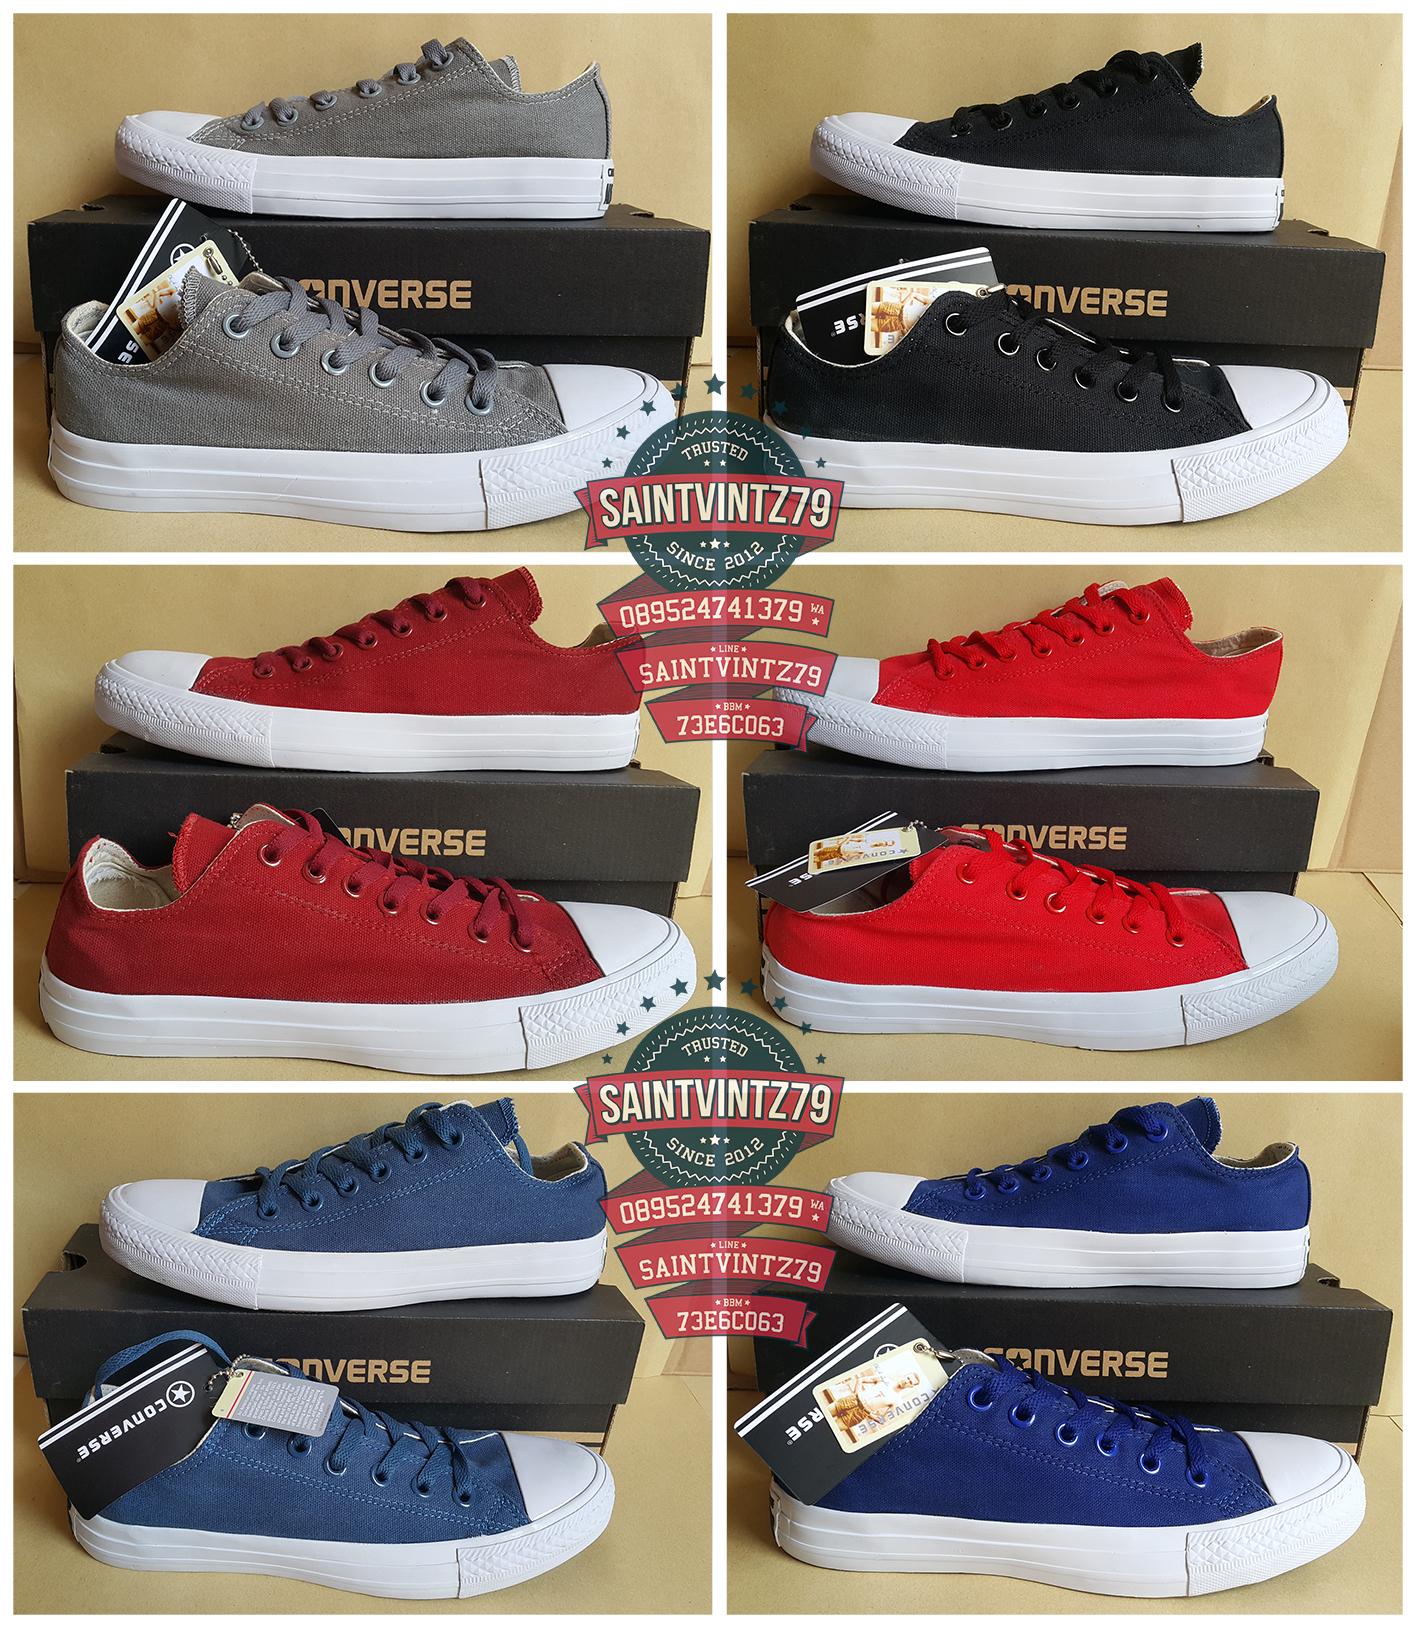 Jual Sepatu Converse All Stars Chuck Taylor II Grade Ori asli Pabrik ... fa23bad1fb